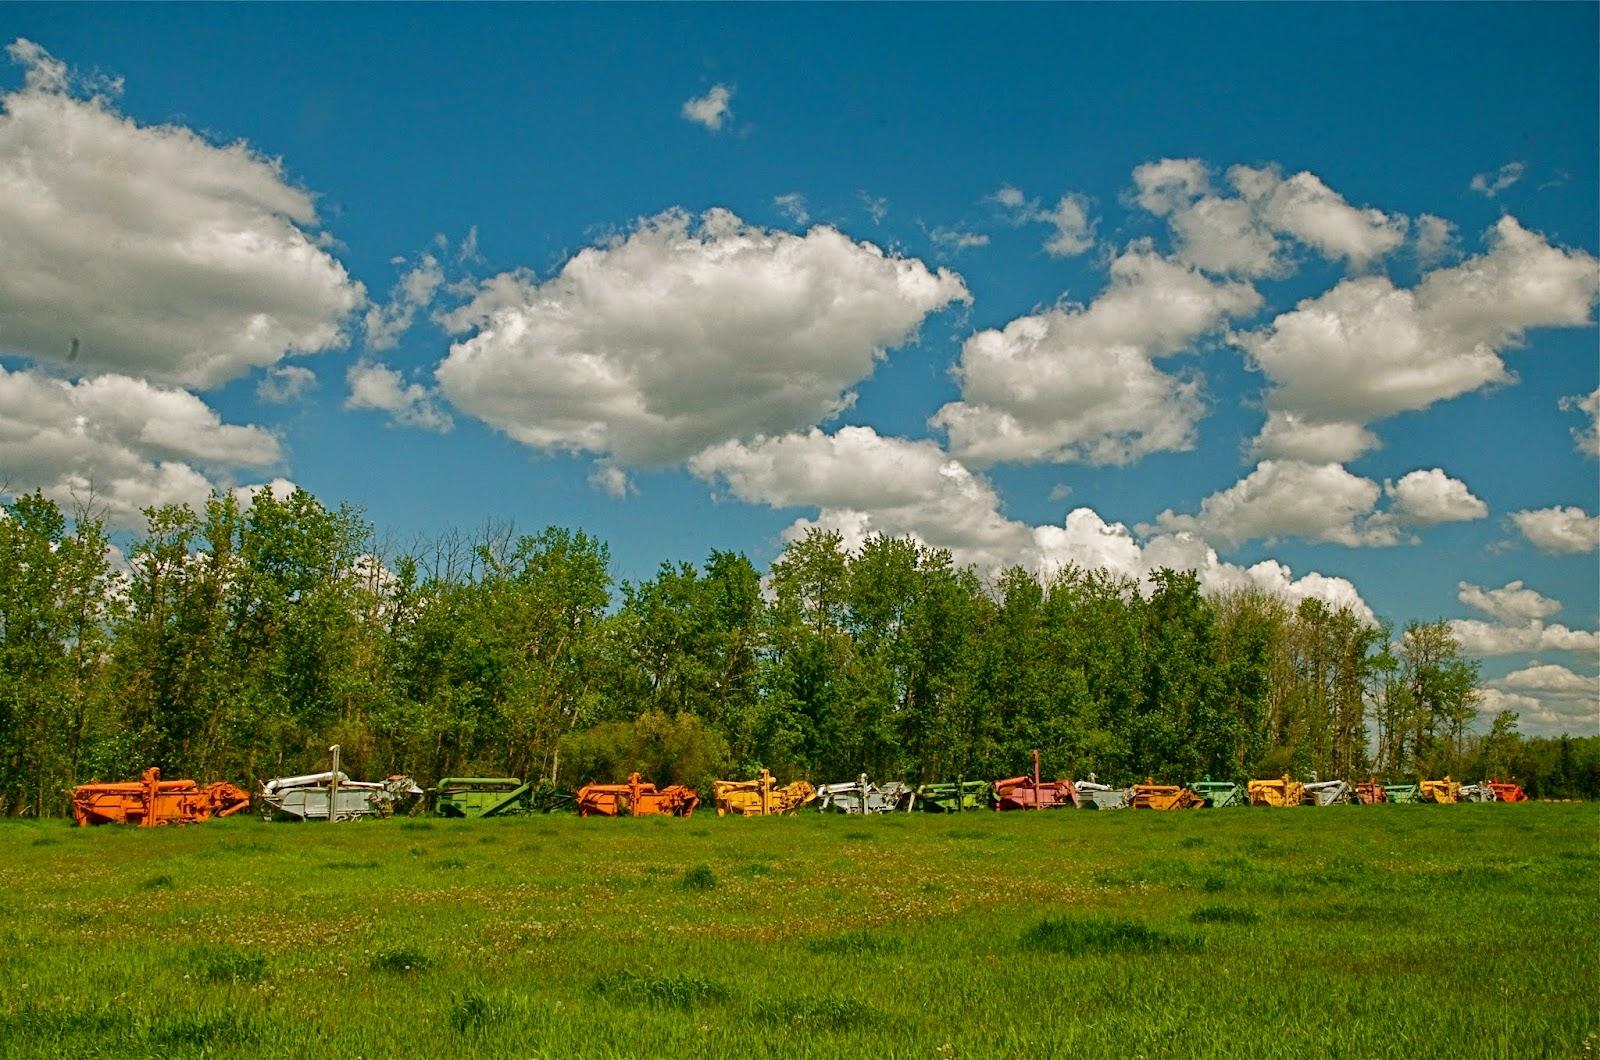 Threshing Machines Under Alberta Skies